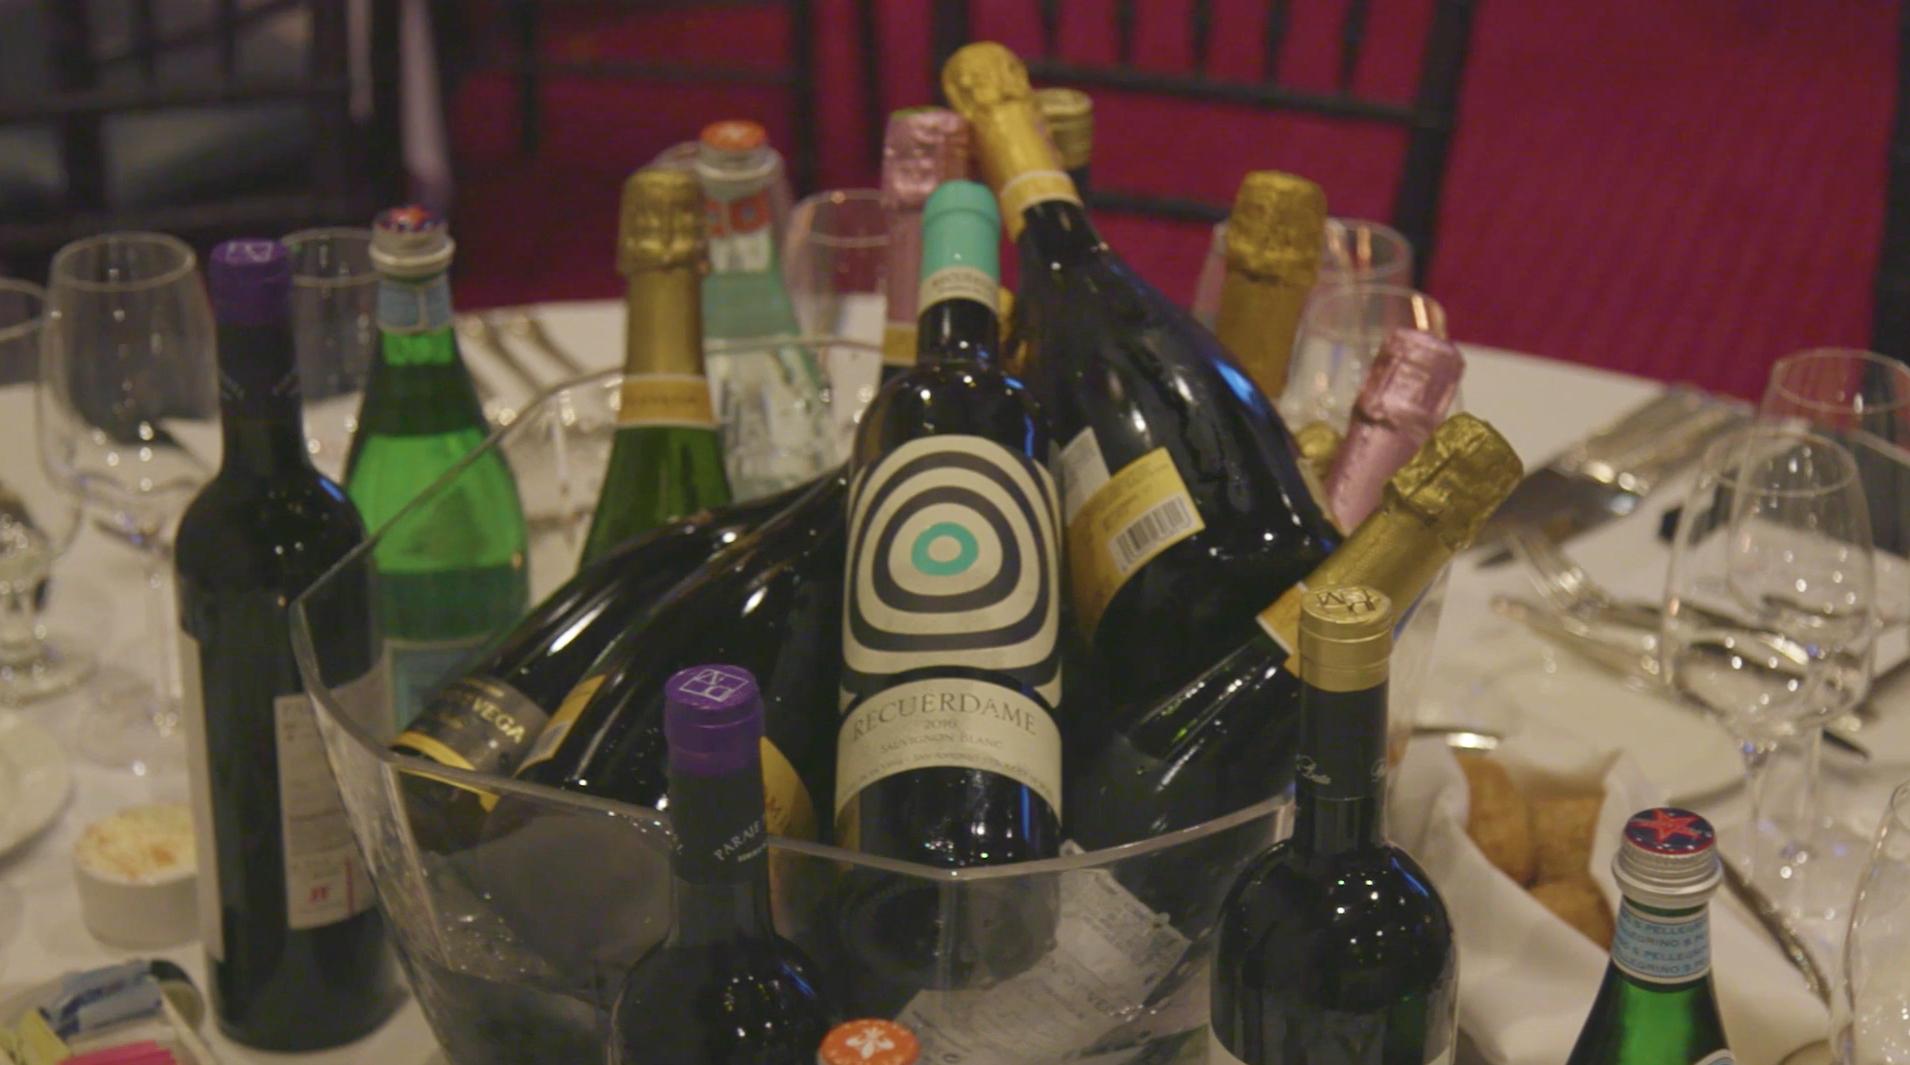 https://robert-parker-content-prod.s3.amazonaws.com/media/image/2018/06/18/9b58c24a92a54324bb56e51bf88e0644_wine_motsf_wine_bottles.jpg